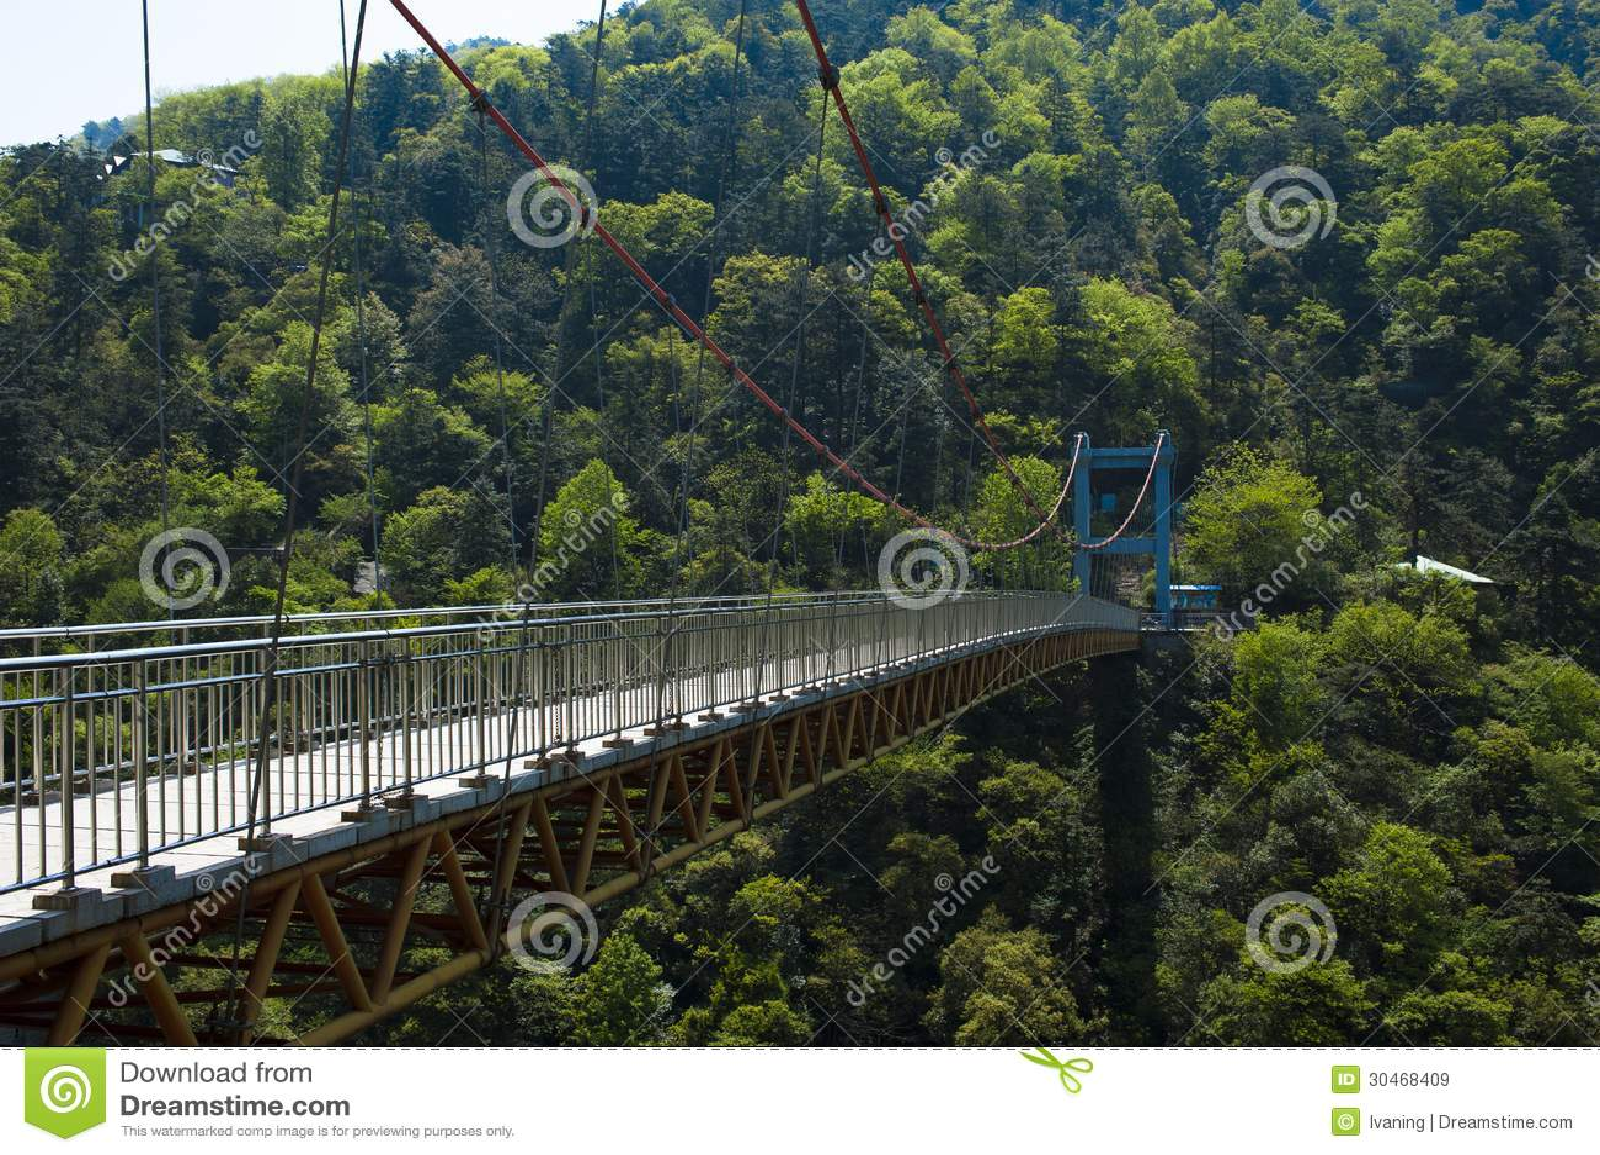 桥梁在森林庐山中国里图片